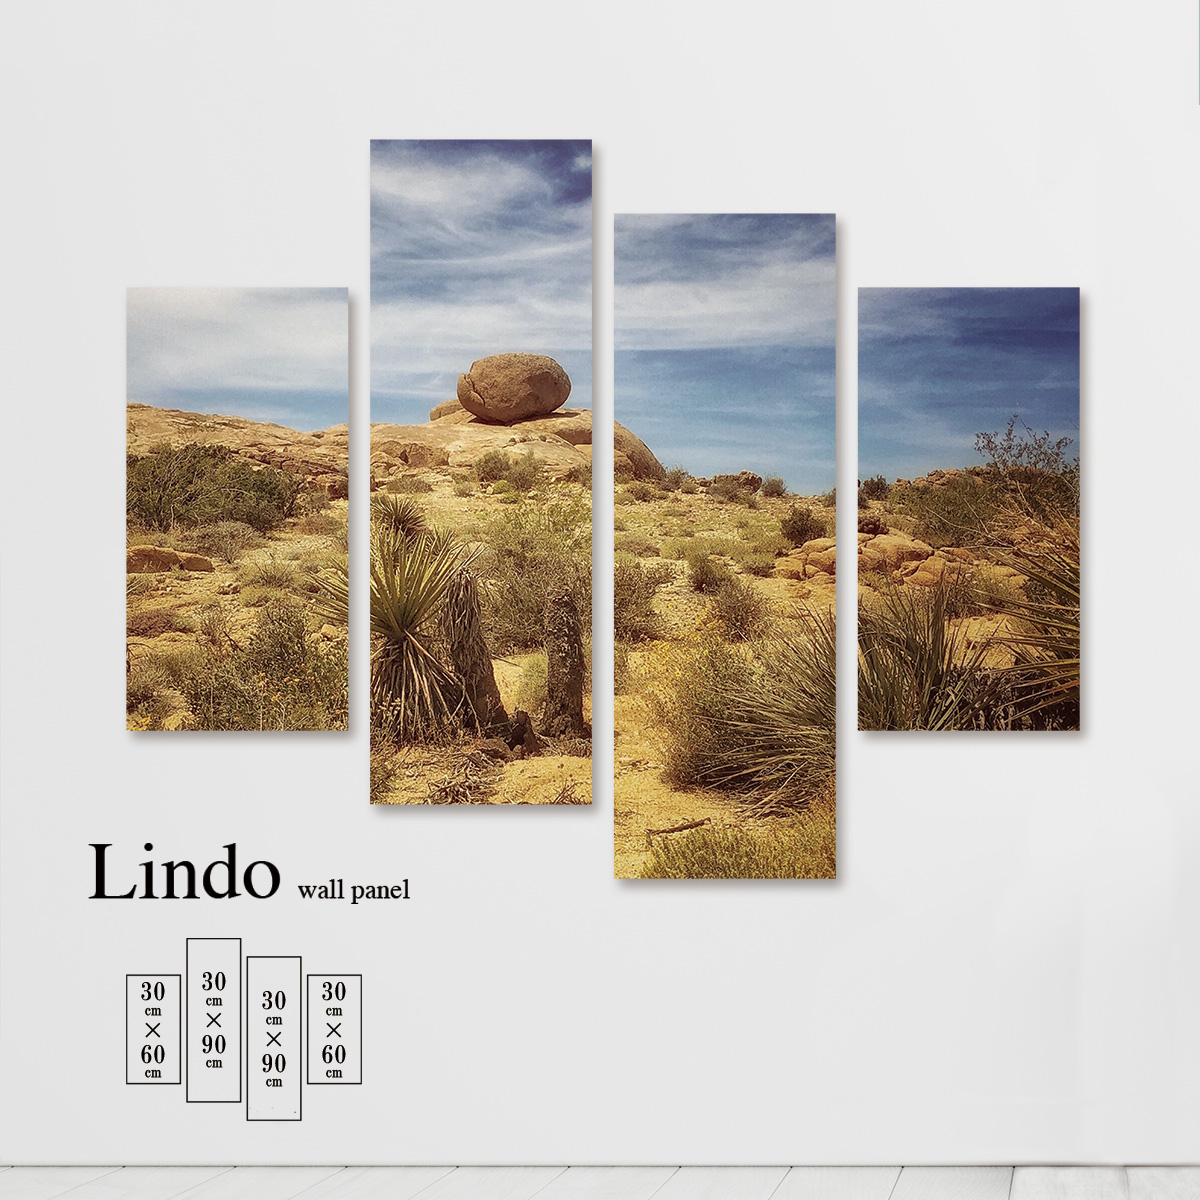 ファブリックパネル 風景 景色 写真 自然 環境 空 雲 壁掛け 北欧 お洒落 デザイン アート 壁飾り アートボード 4枚パネル